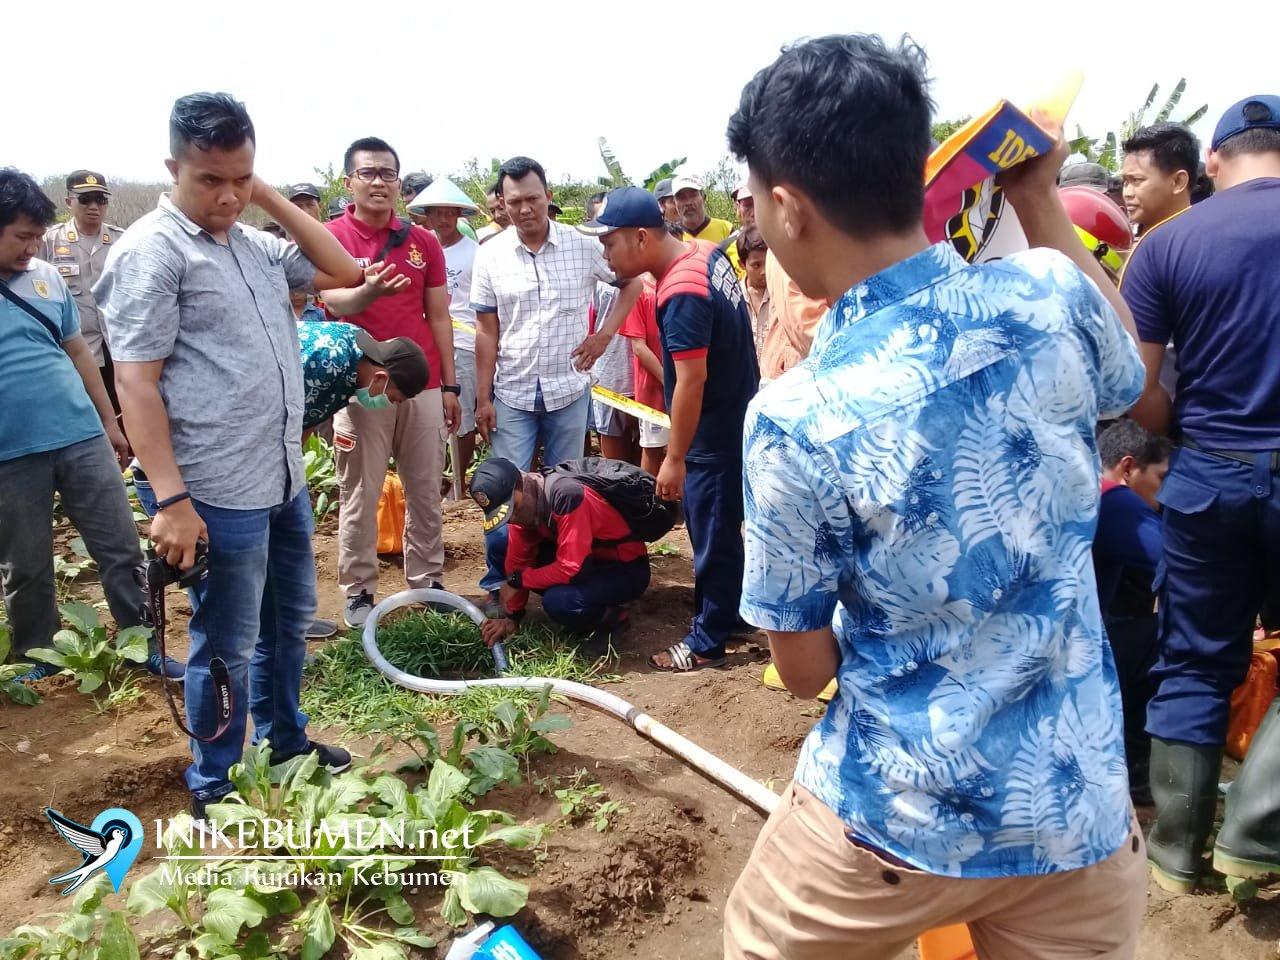 Siti Maryam, Pemetik Sayuran di Ambal Ditemukan Tewas di Dalam Sumur Sempit